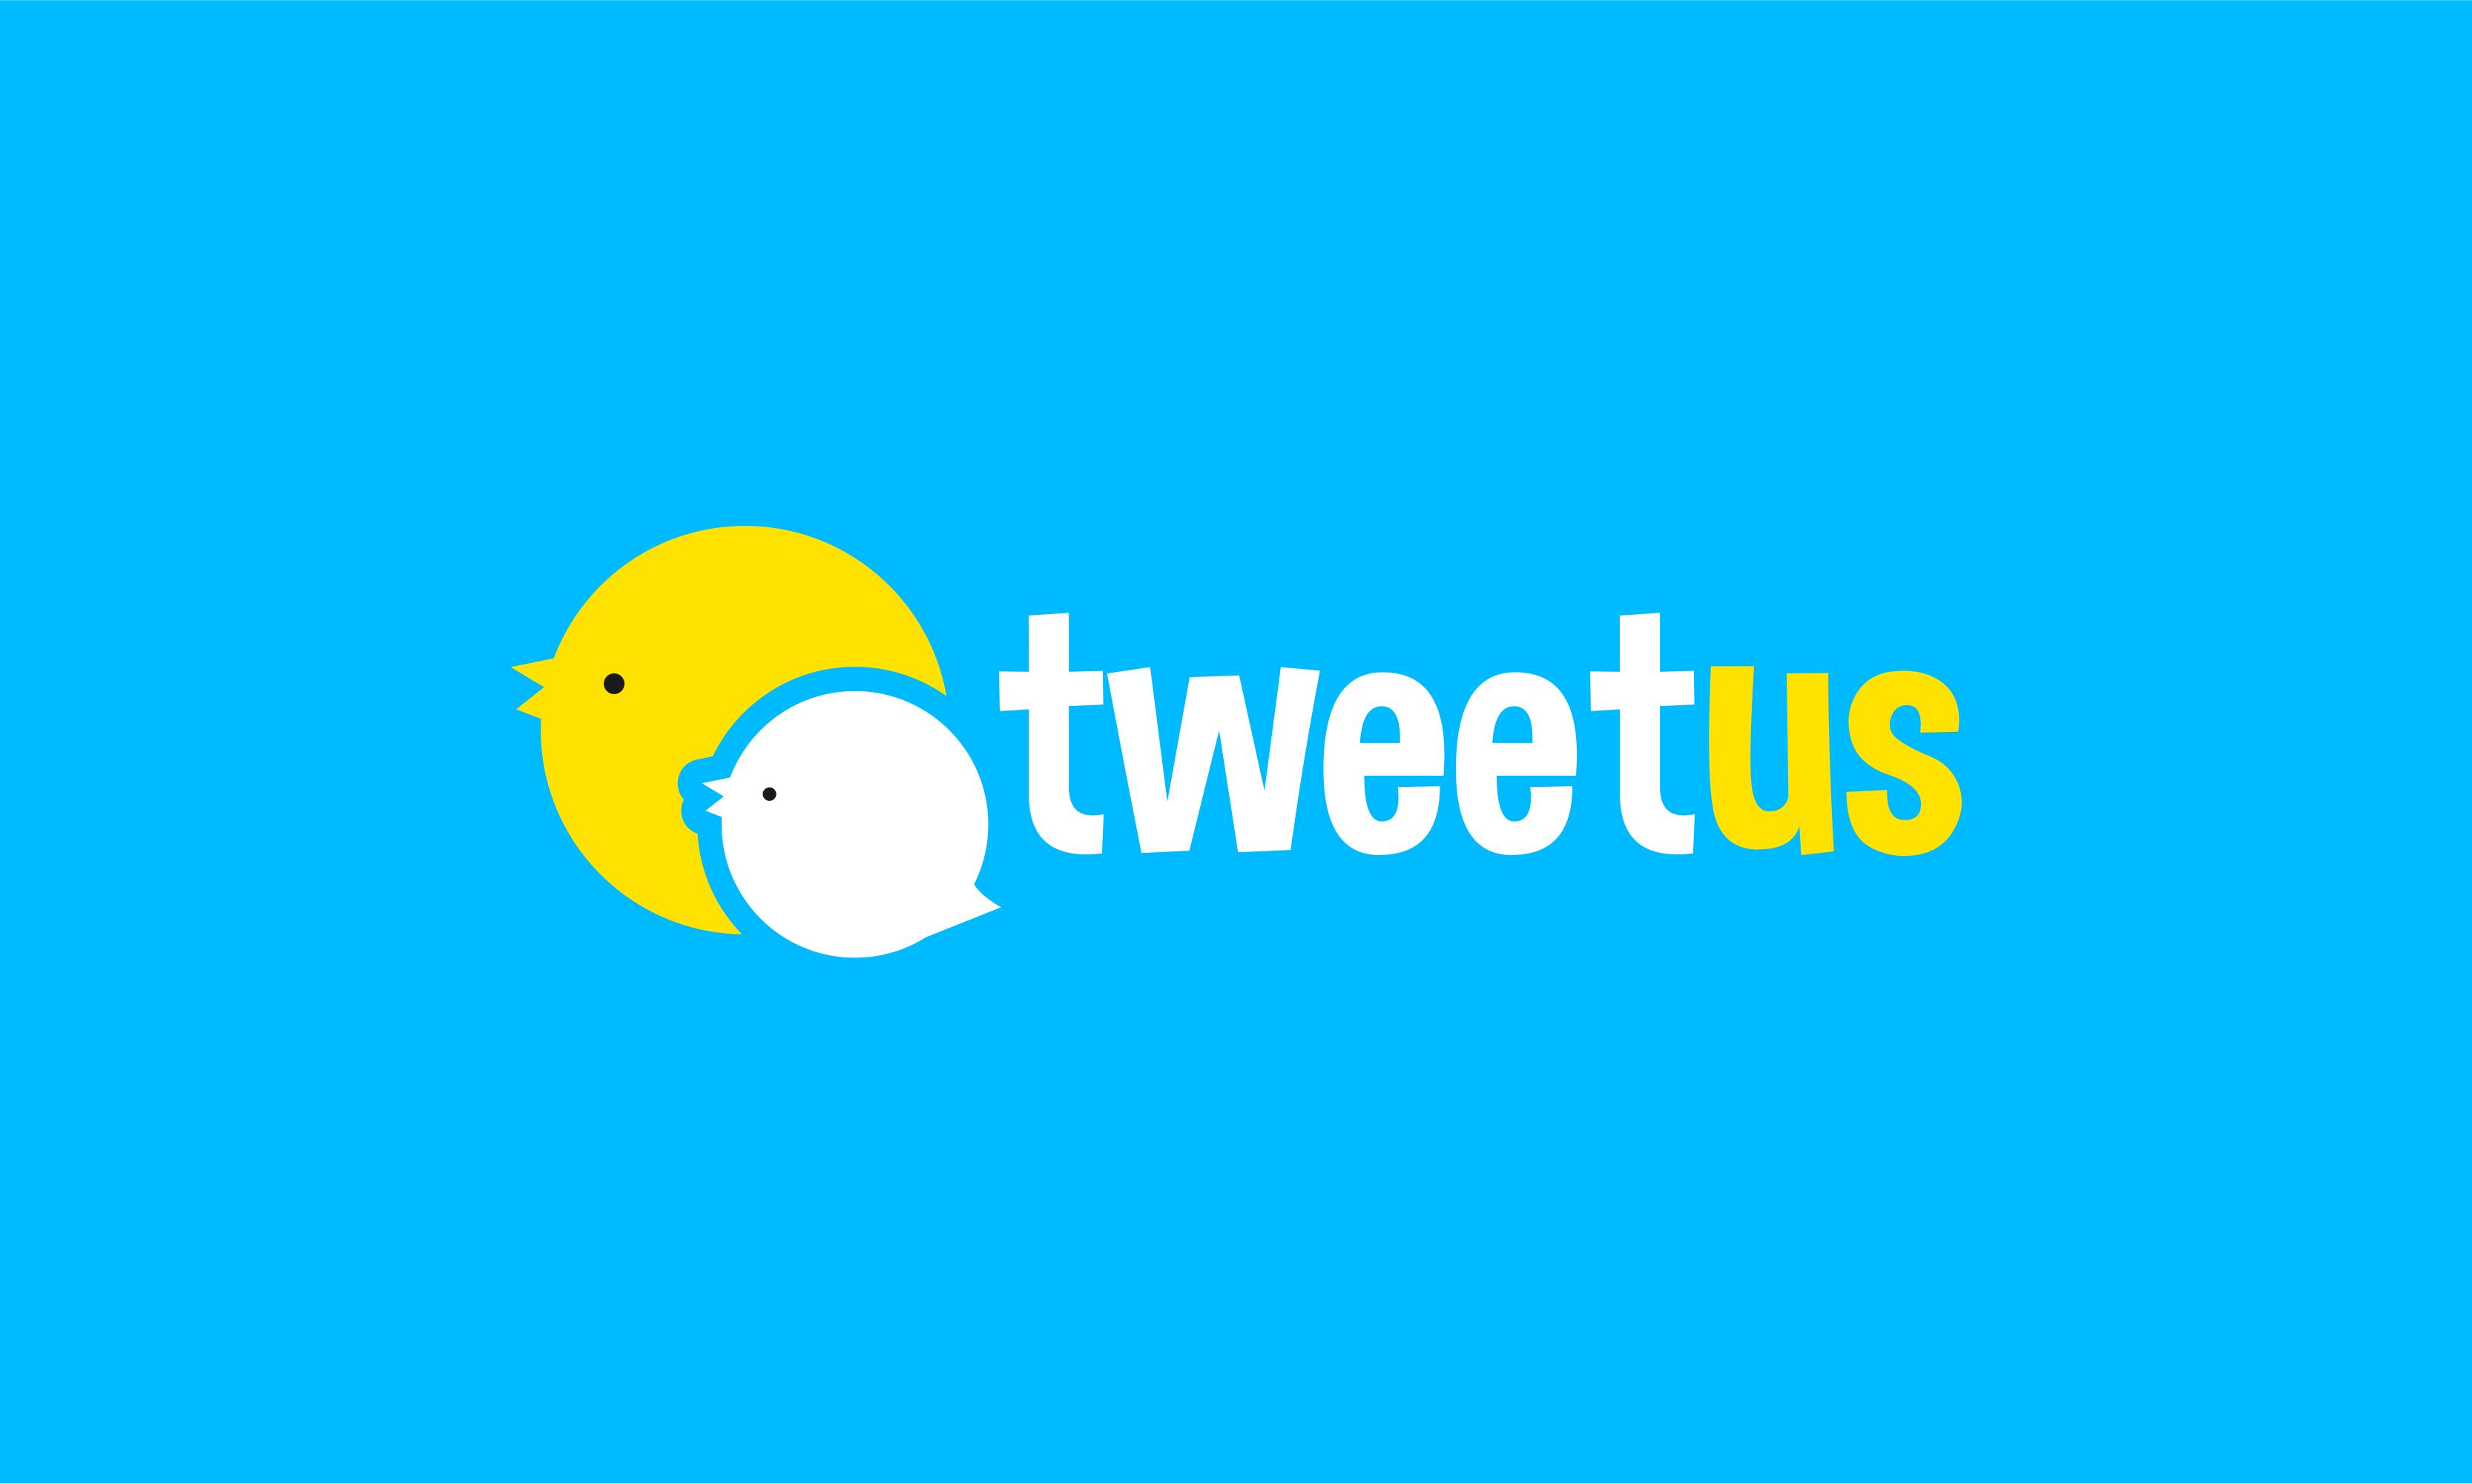 Tweetus